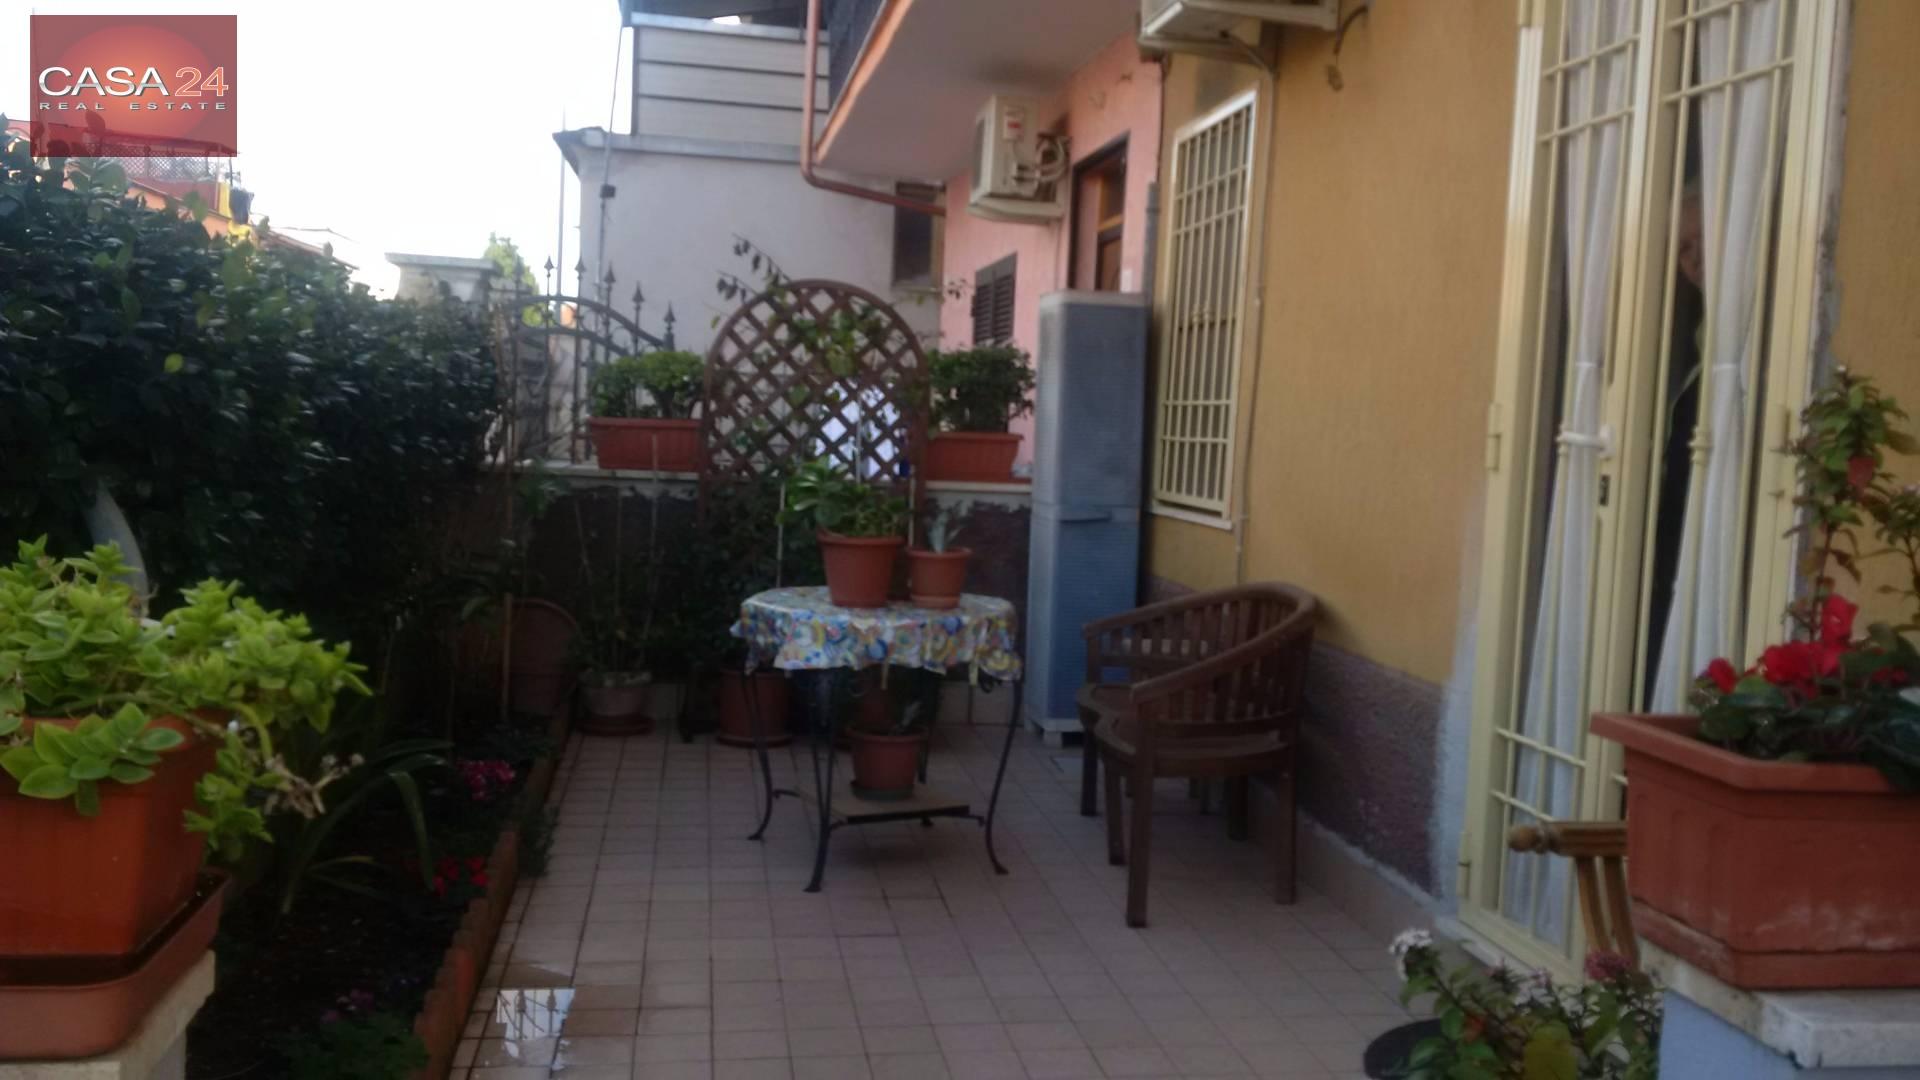 Appartamento in vendita a Latina, 2 locali, zona Località: R7ZonaCampoBoario, prezzo € 90.000 | Cambio Casa.it